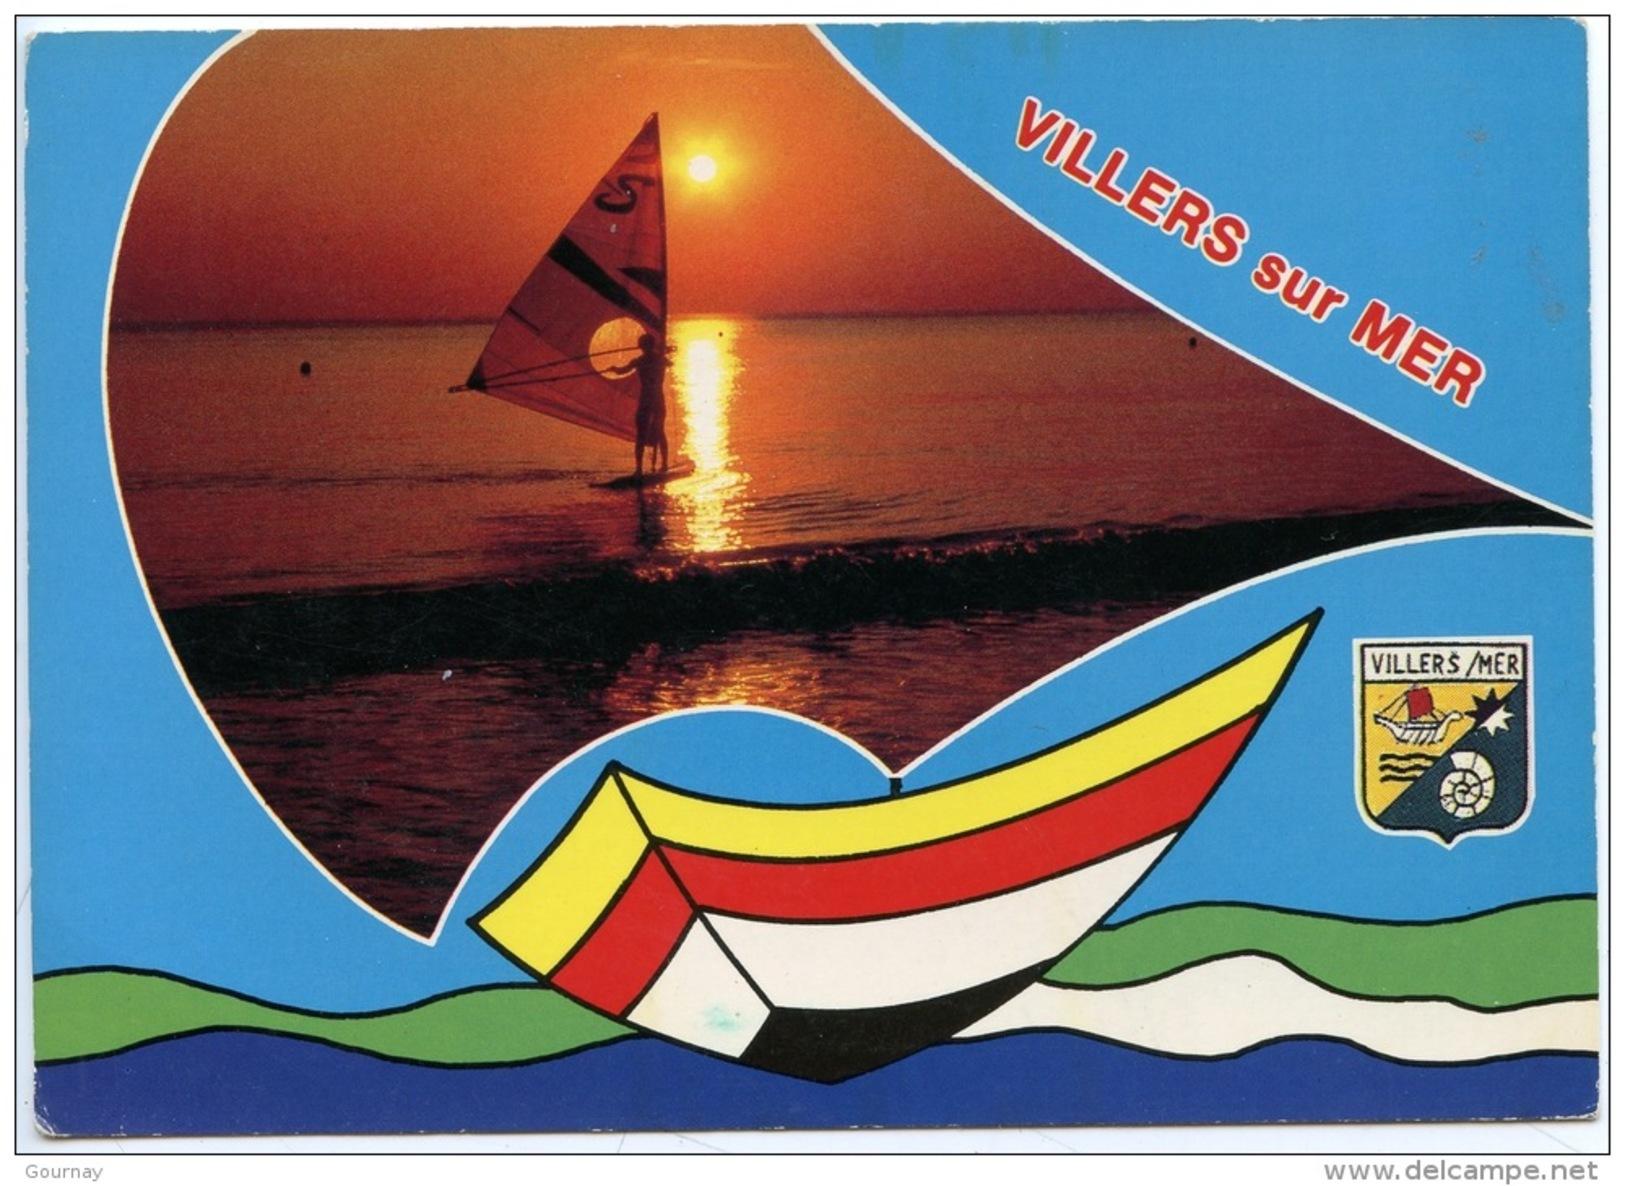 Villers Sur Mer (calvados 14) La Plage - La Cote Fleurie (n°141 Artaud) Blason Planche à Voile & Soleil Couchant - Villers Sur Mer